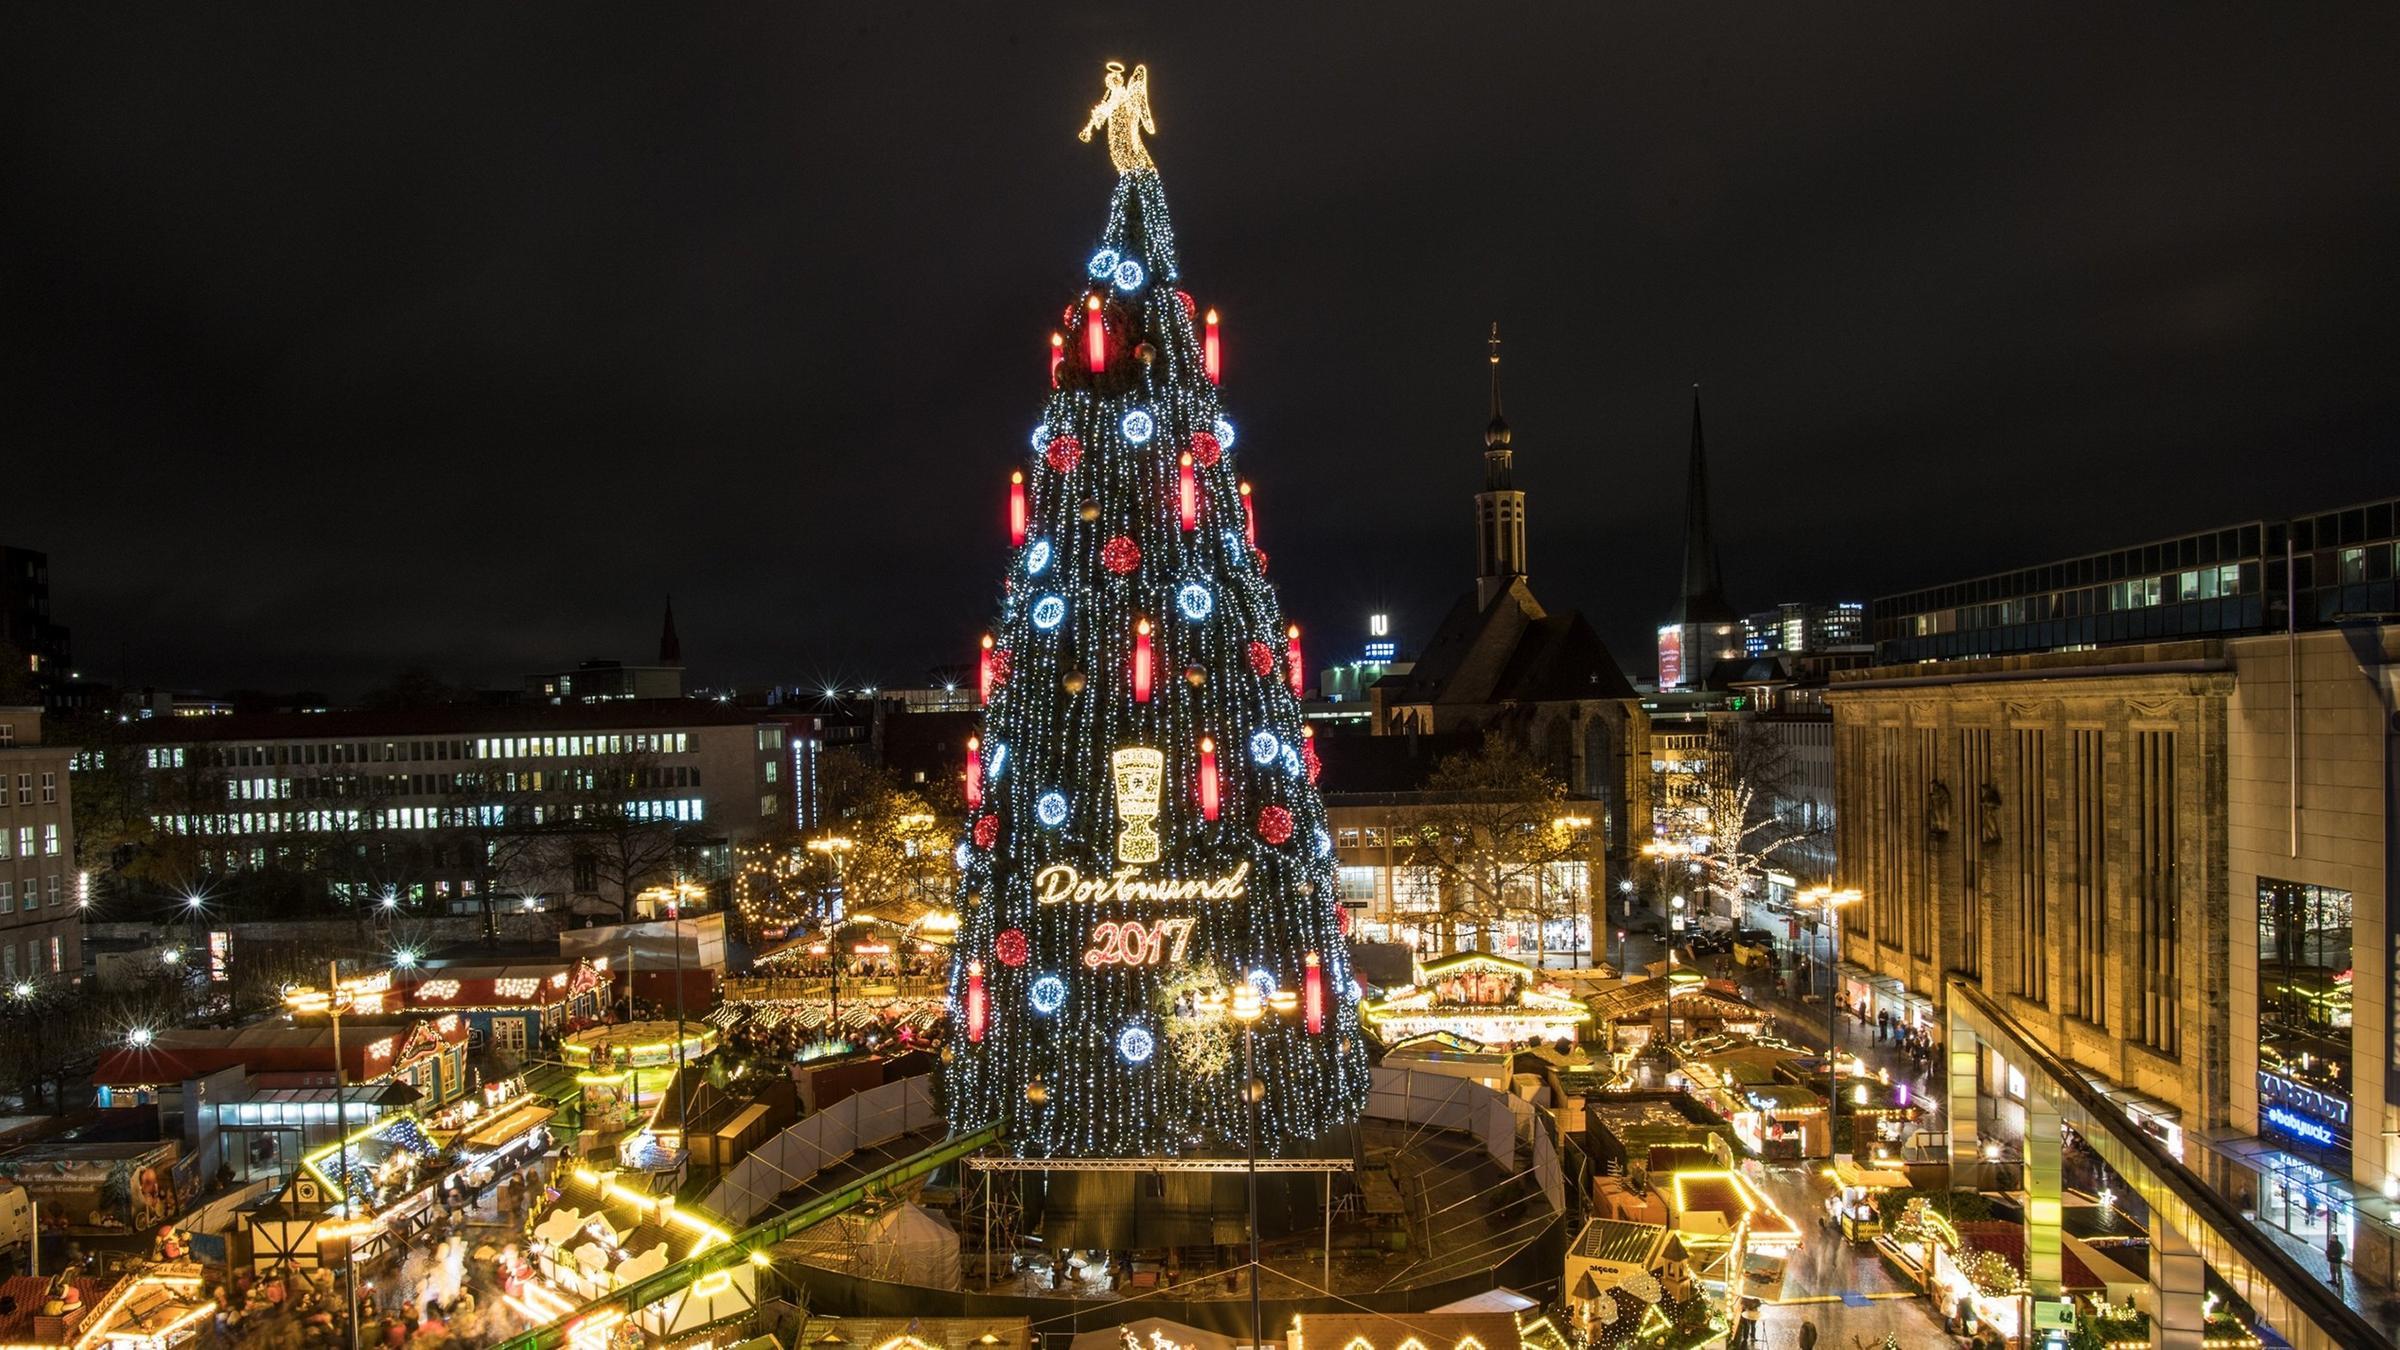 Größter Tannenbaum Deutschlands.Auf Dortmunder Weihnachtsmarkt Weltweit Größter Weihnachtsbaum